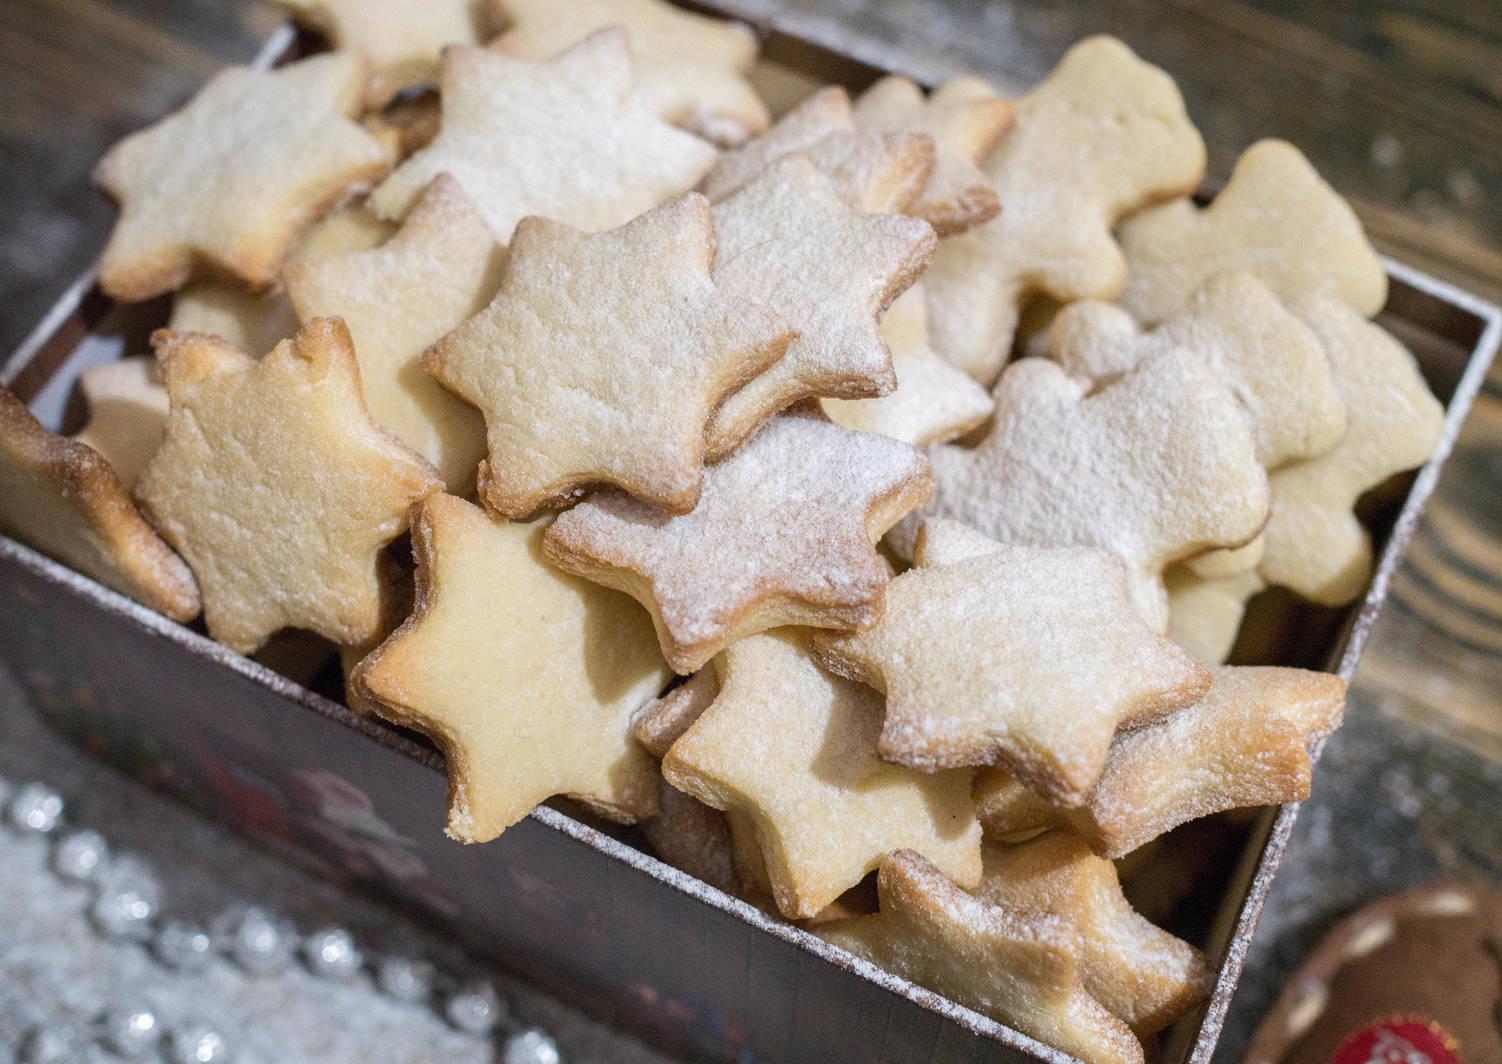 нежное песочное печенье рецепт с фото каталог недвижимости